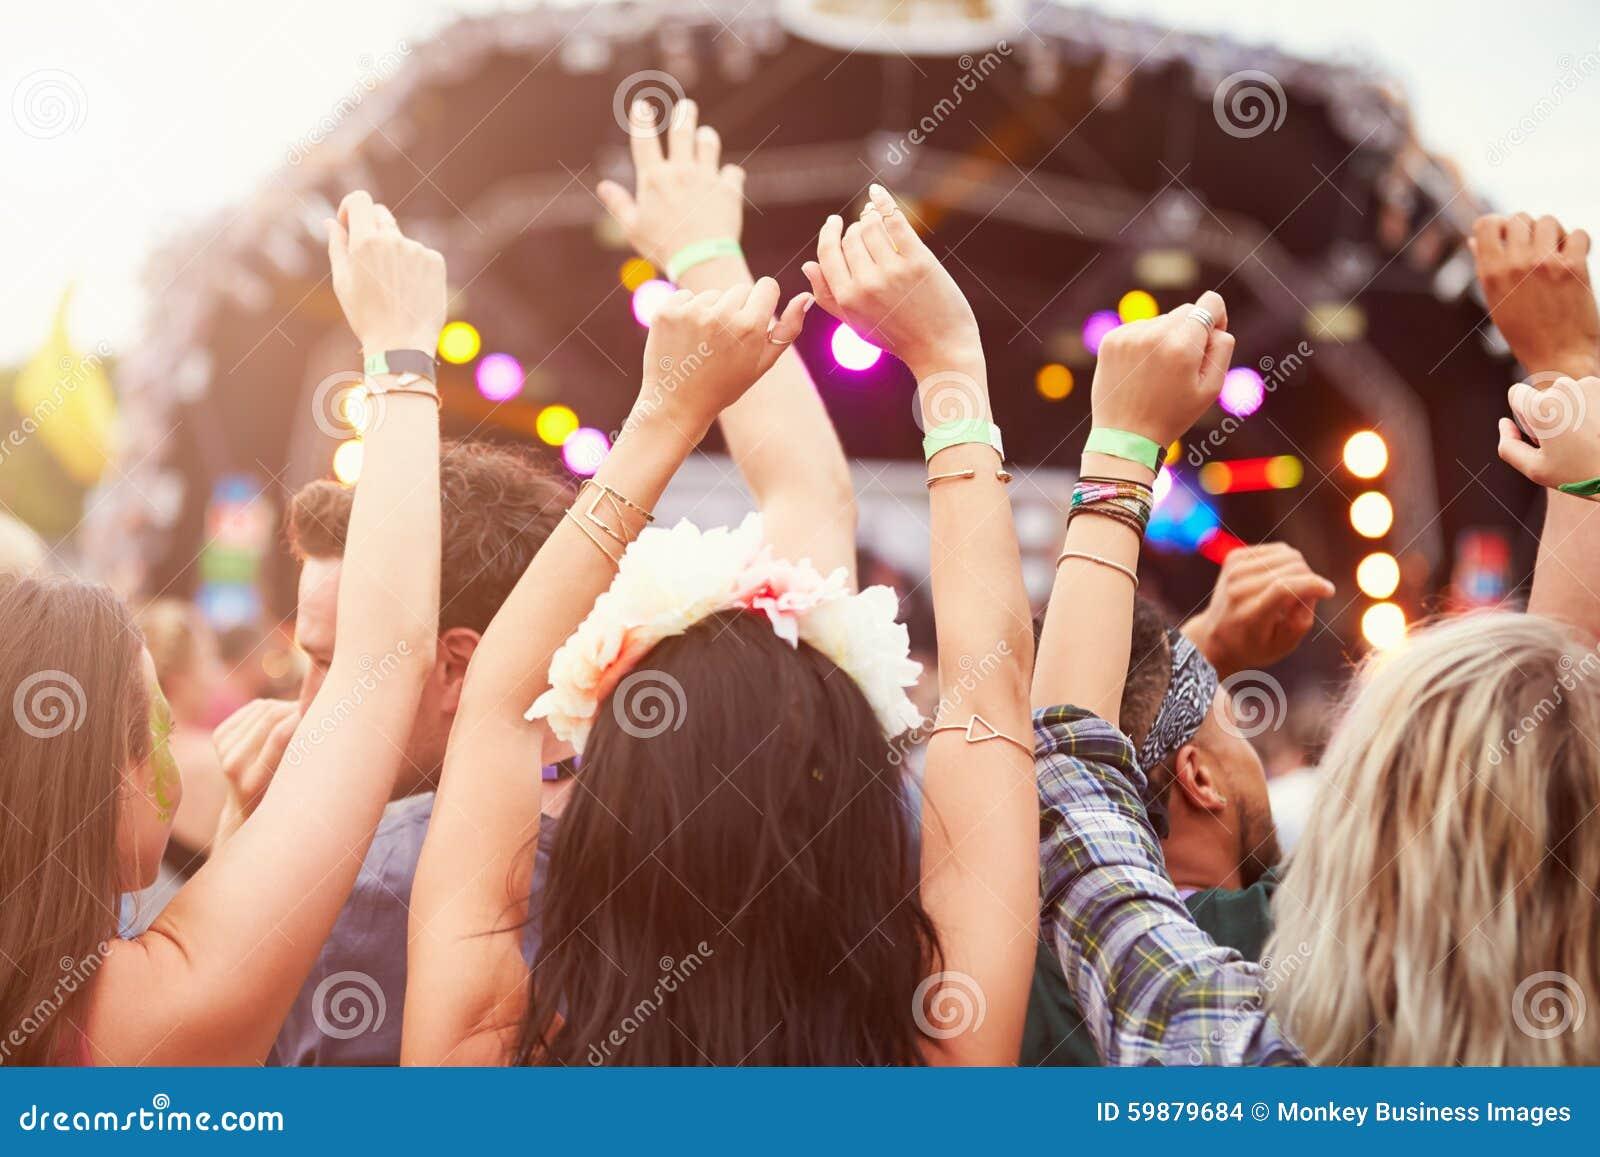 观众用手在天空中在音乐节